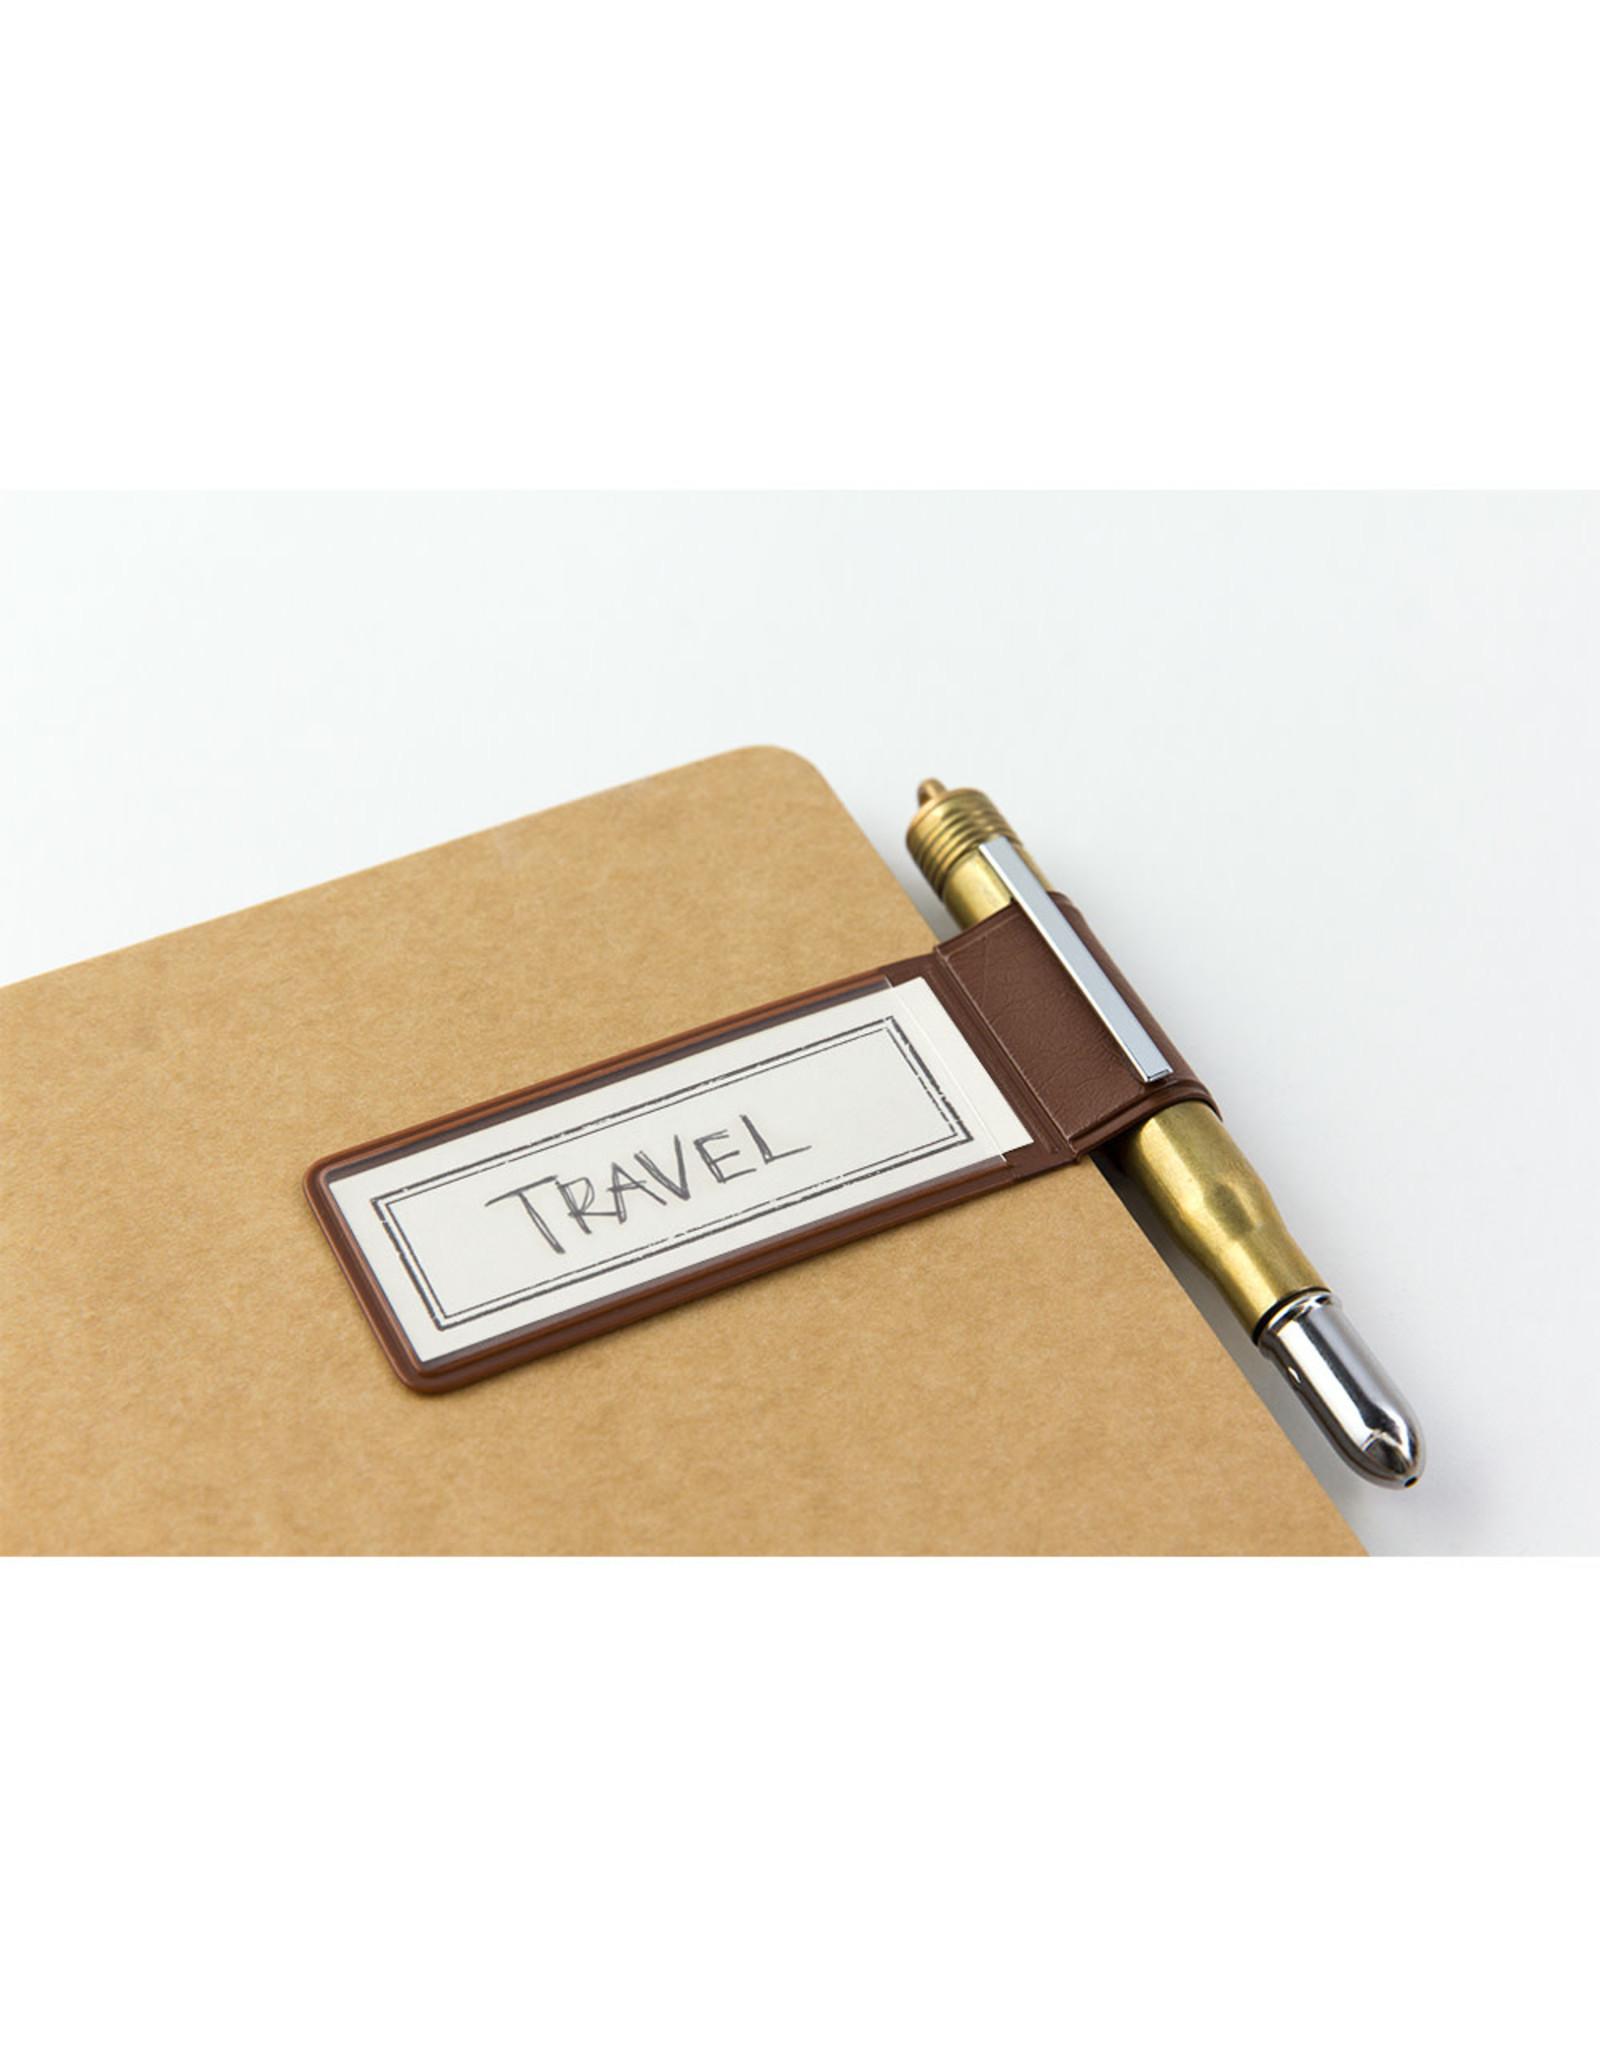 Traveler's Company TRAVELER'S NOTEBOOK PEN HOLDER STICKER BROWN